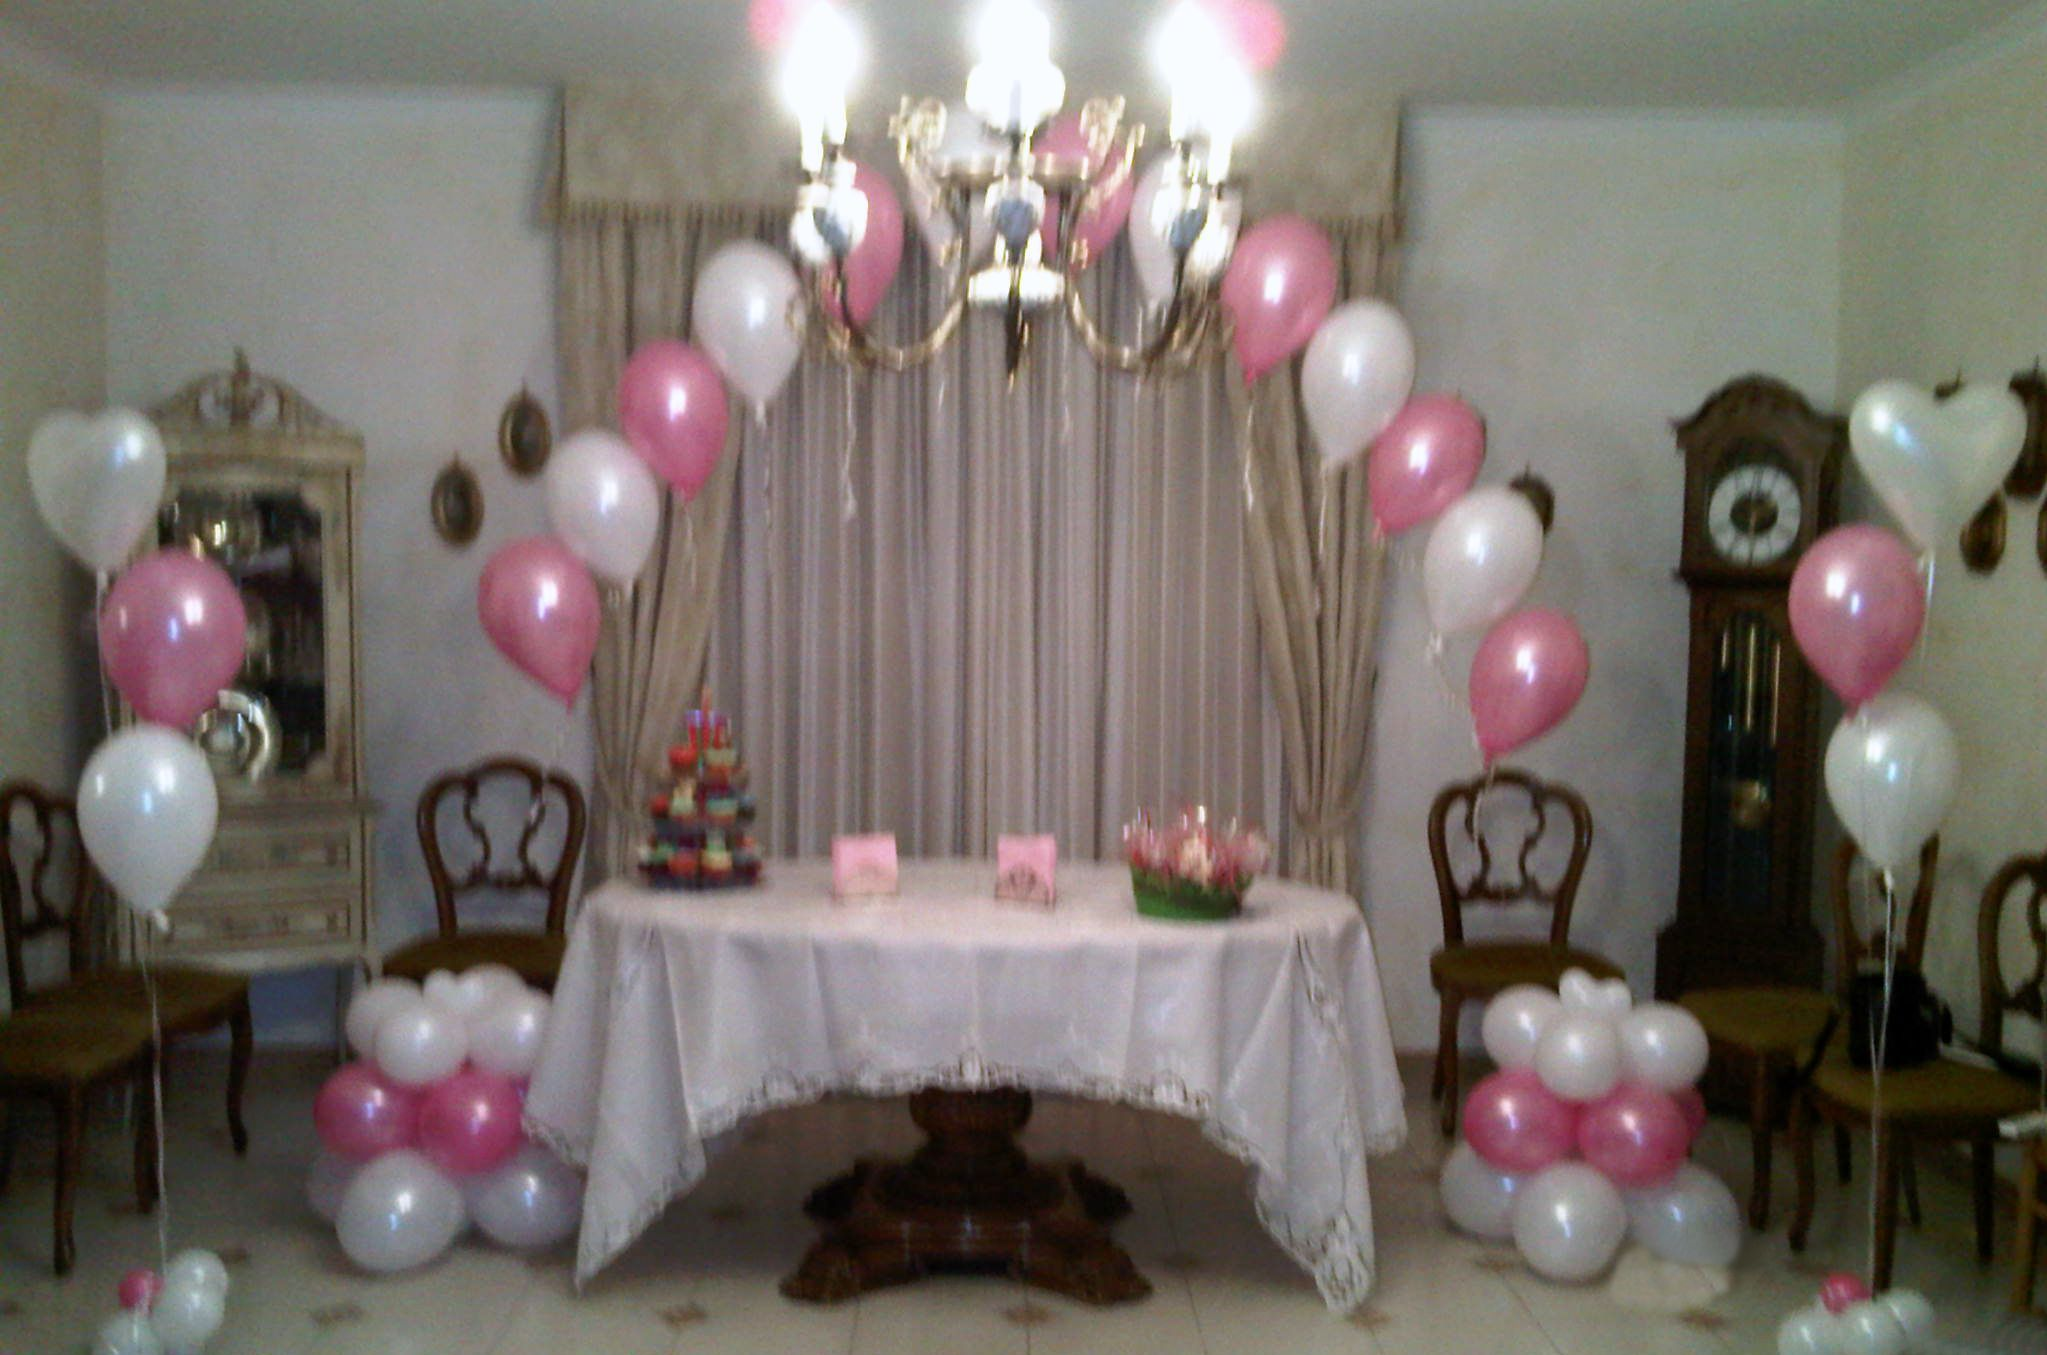 Decorazioni per comunioni rn15 regardsdefemmes for Decorazioni per torta 60 anni